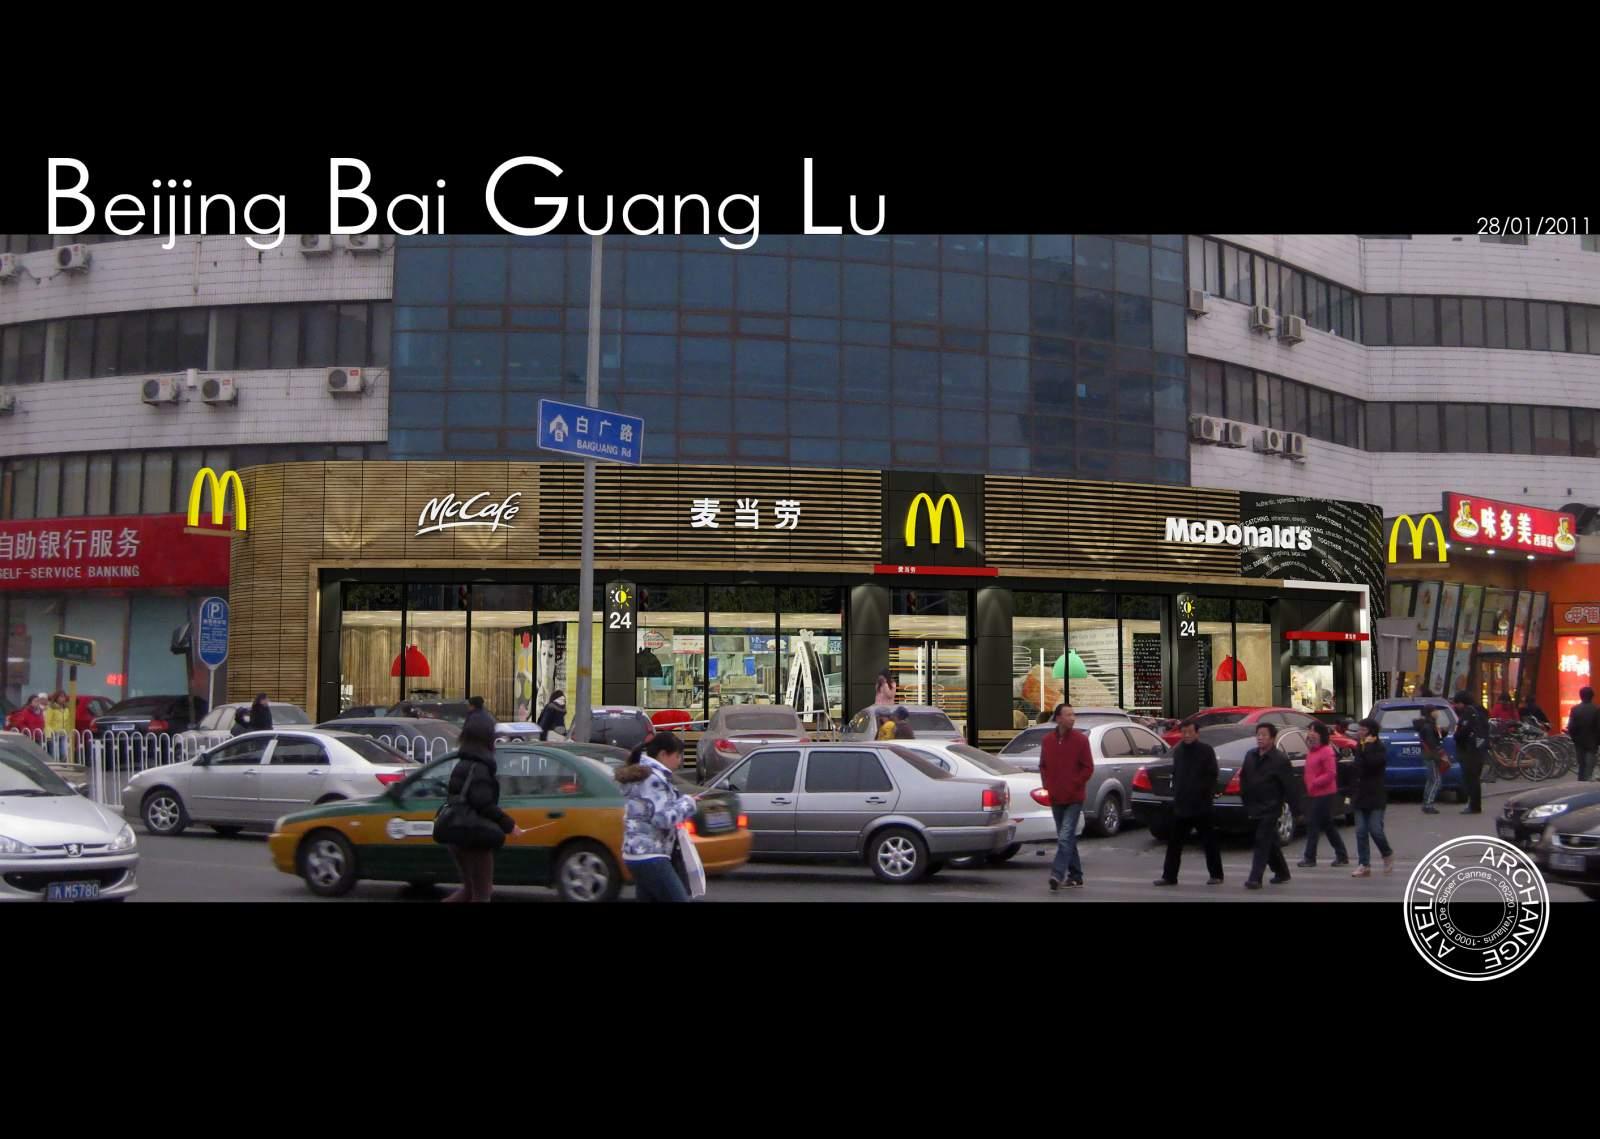 Beijing Bai Guang Lu Project